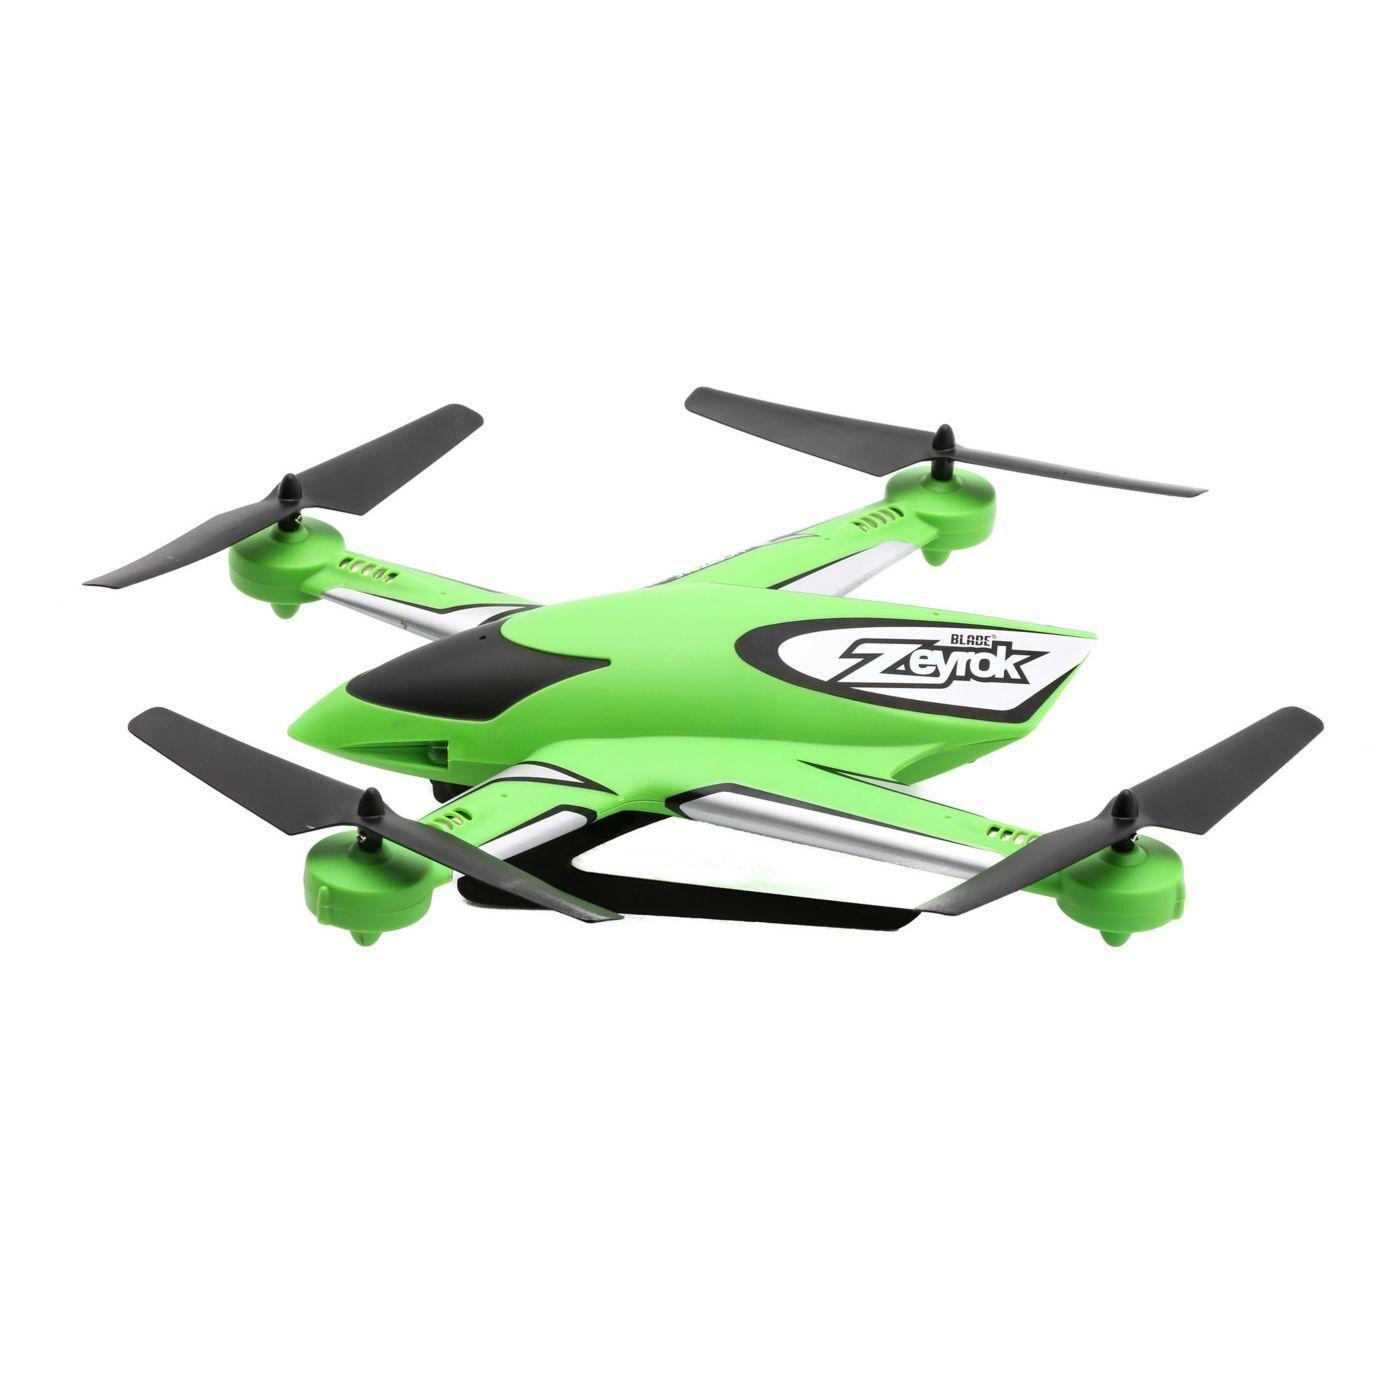 BLADE GREEN ZEYROK RTF W  CAMERA CAMERA CAMERA RC QUAD DRONE QUADCOPTER W  SAFE BLH7360T2    7f438f